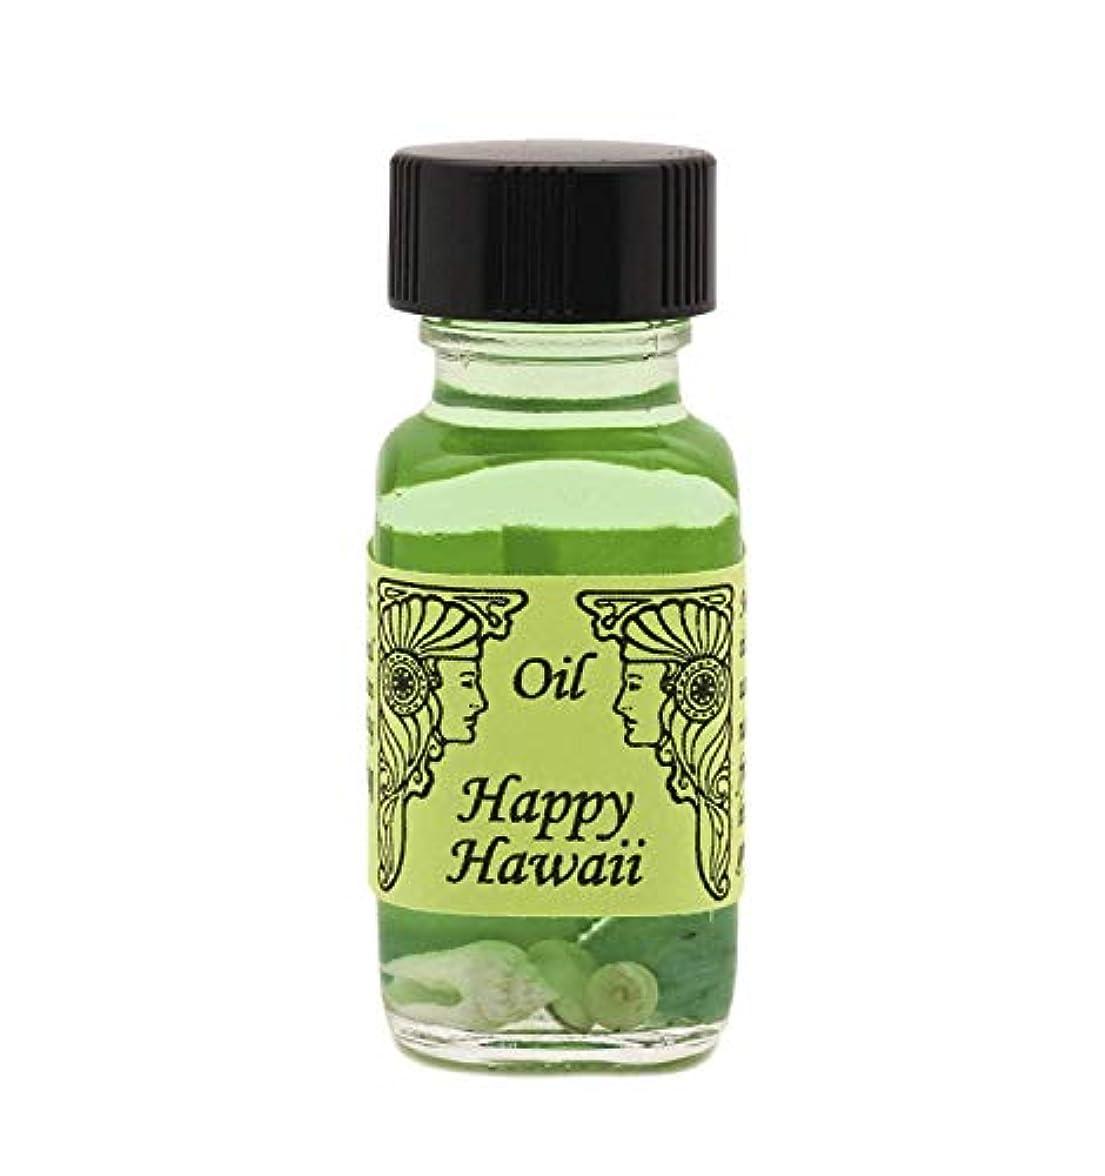 標準共感する反毒Happy Hawaii (ハッピーハワイ) アンシェントメモリーオイル 15ml 2019年復活オイル